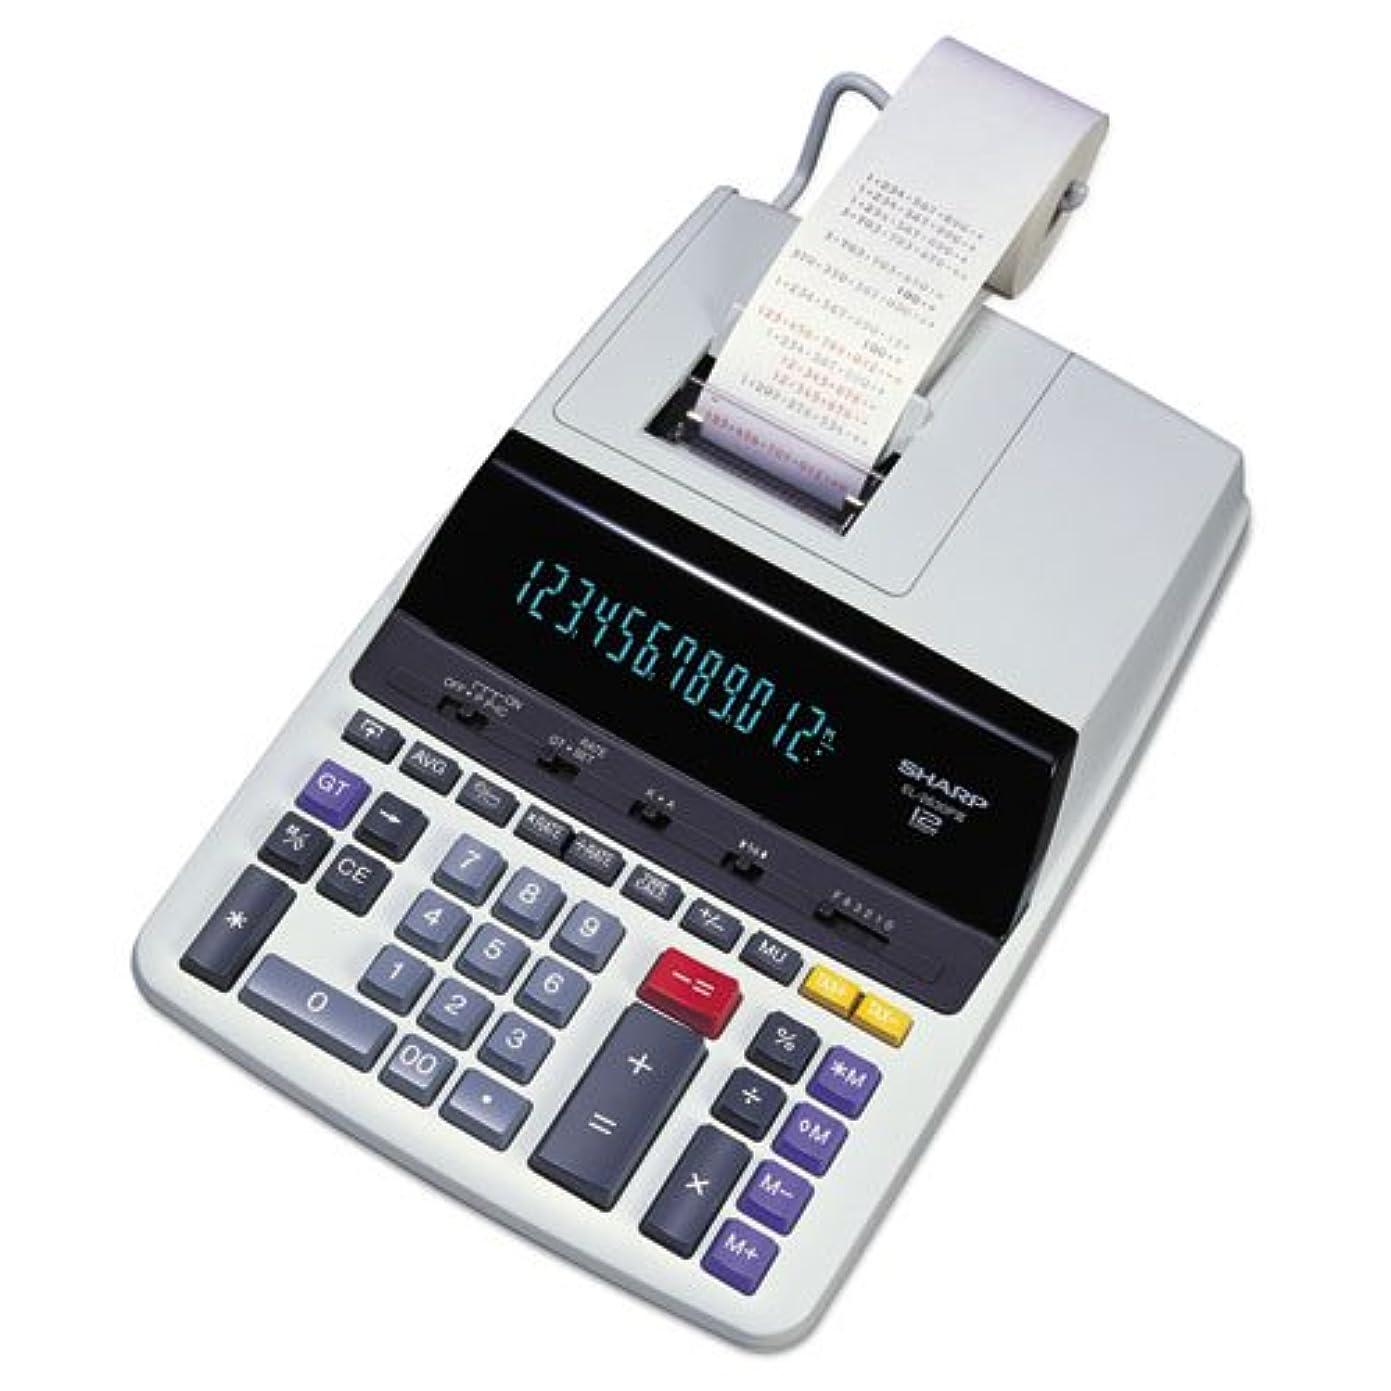 見かけ上接触記憶に残る12桁電卓、2色印刷、8?–?1?/ 2?quot ; x10?–?1?/ 2?quot ; x2?–?3?/ 4?quot ;